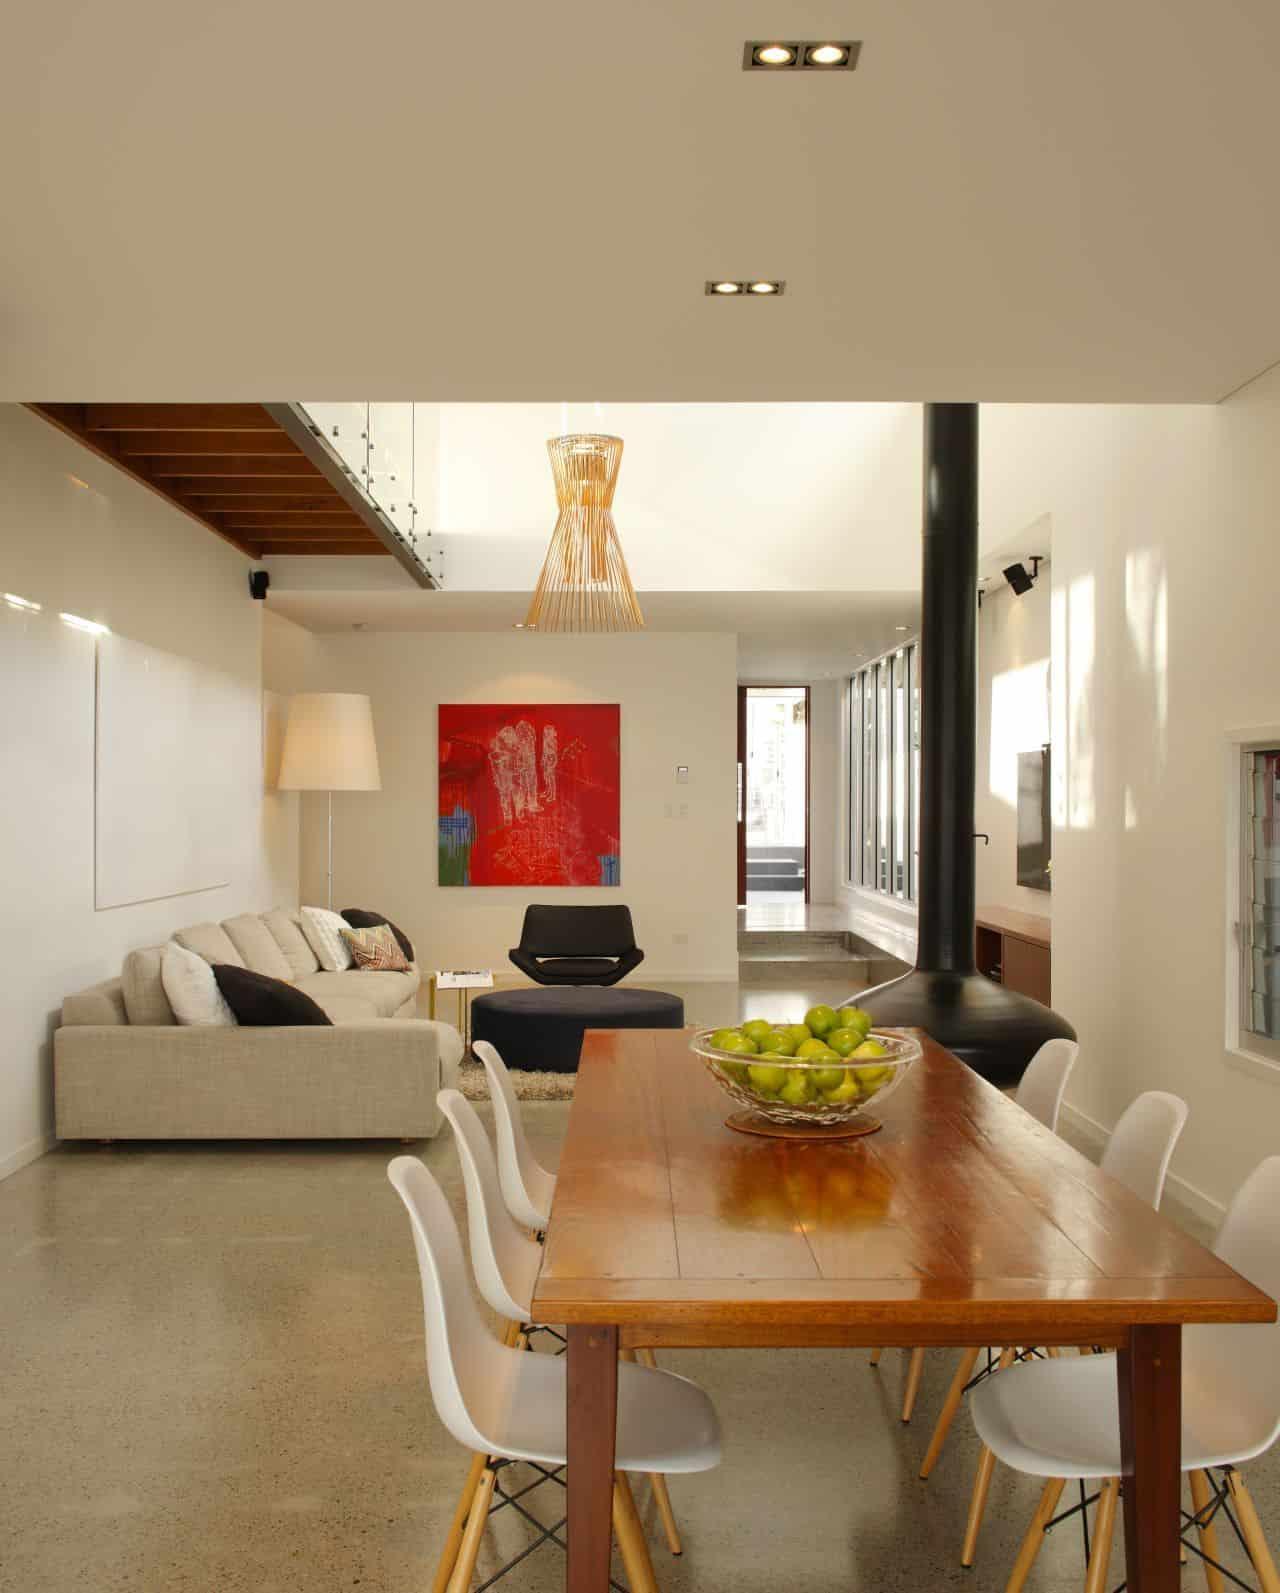 105 V House by Shaun Lockyer Architects (4)